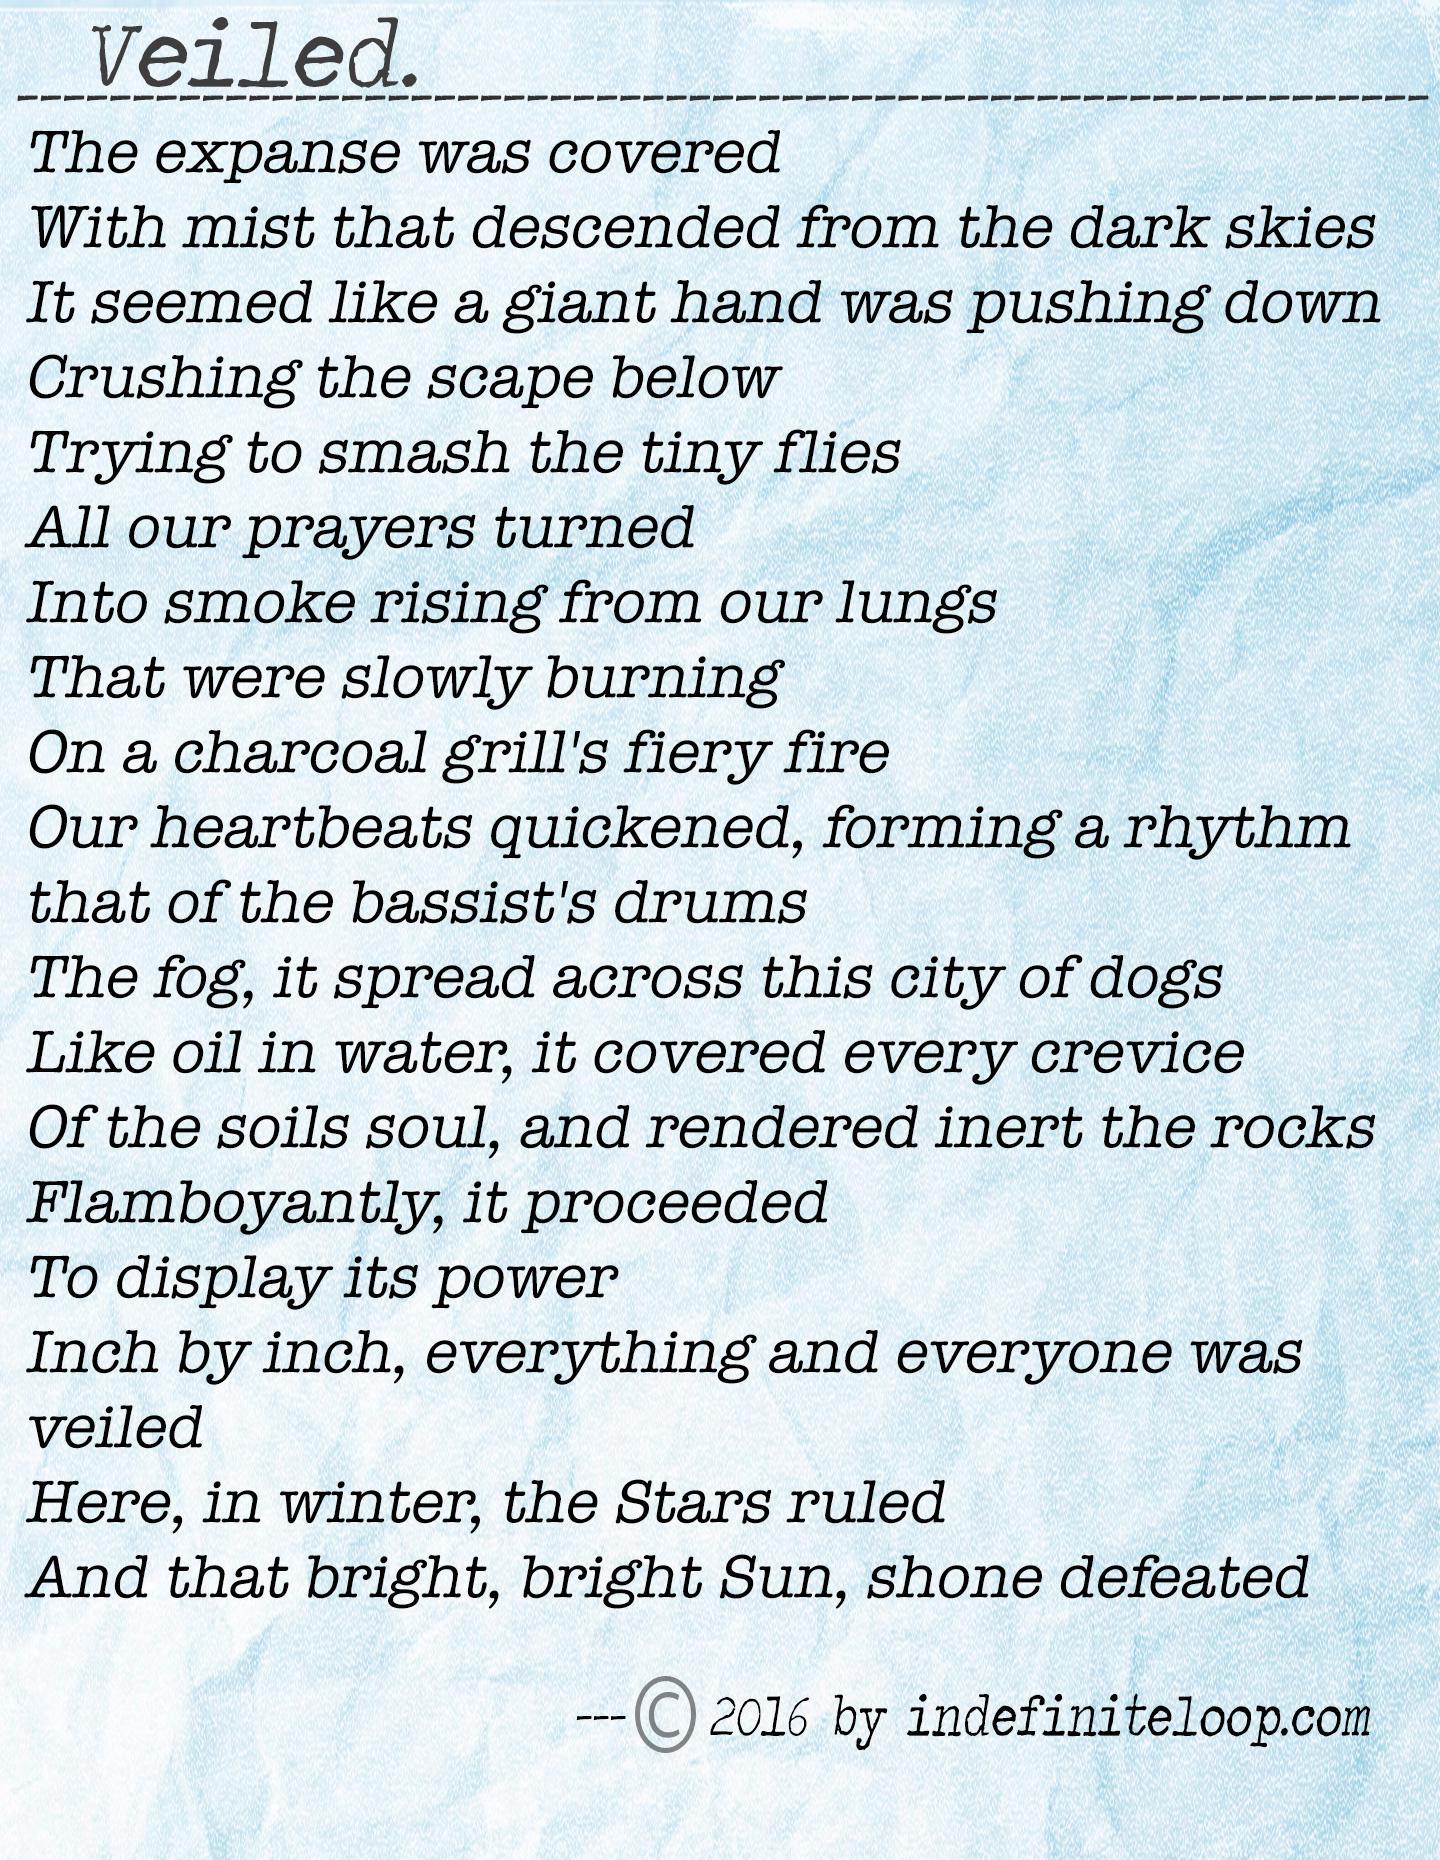 Veiled - Poem - Copyright indefiniteloop.com